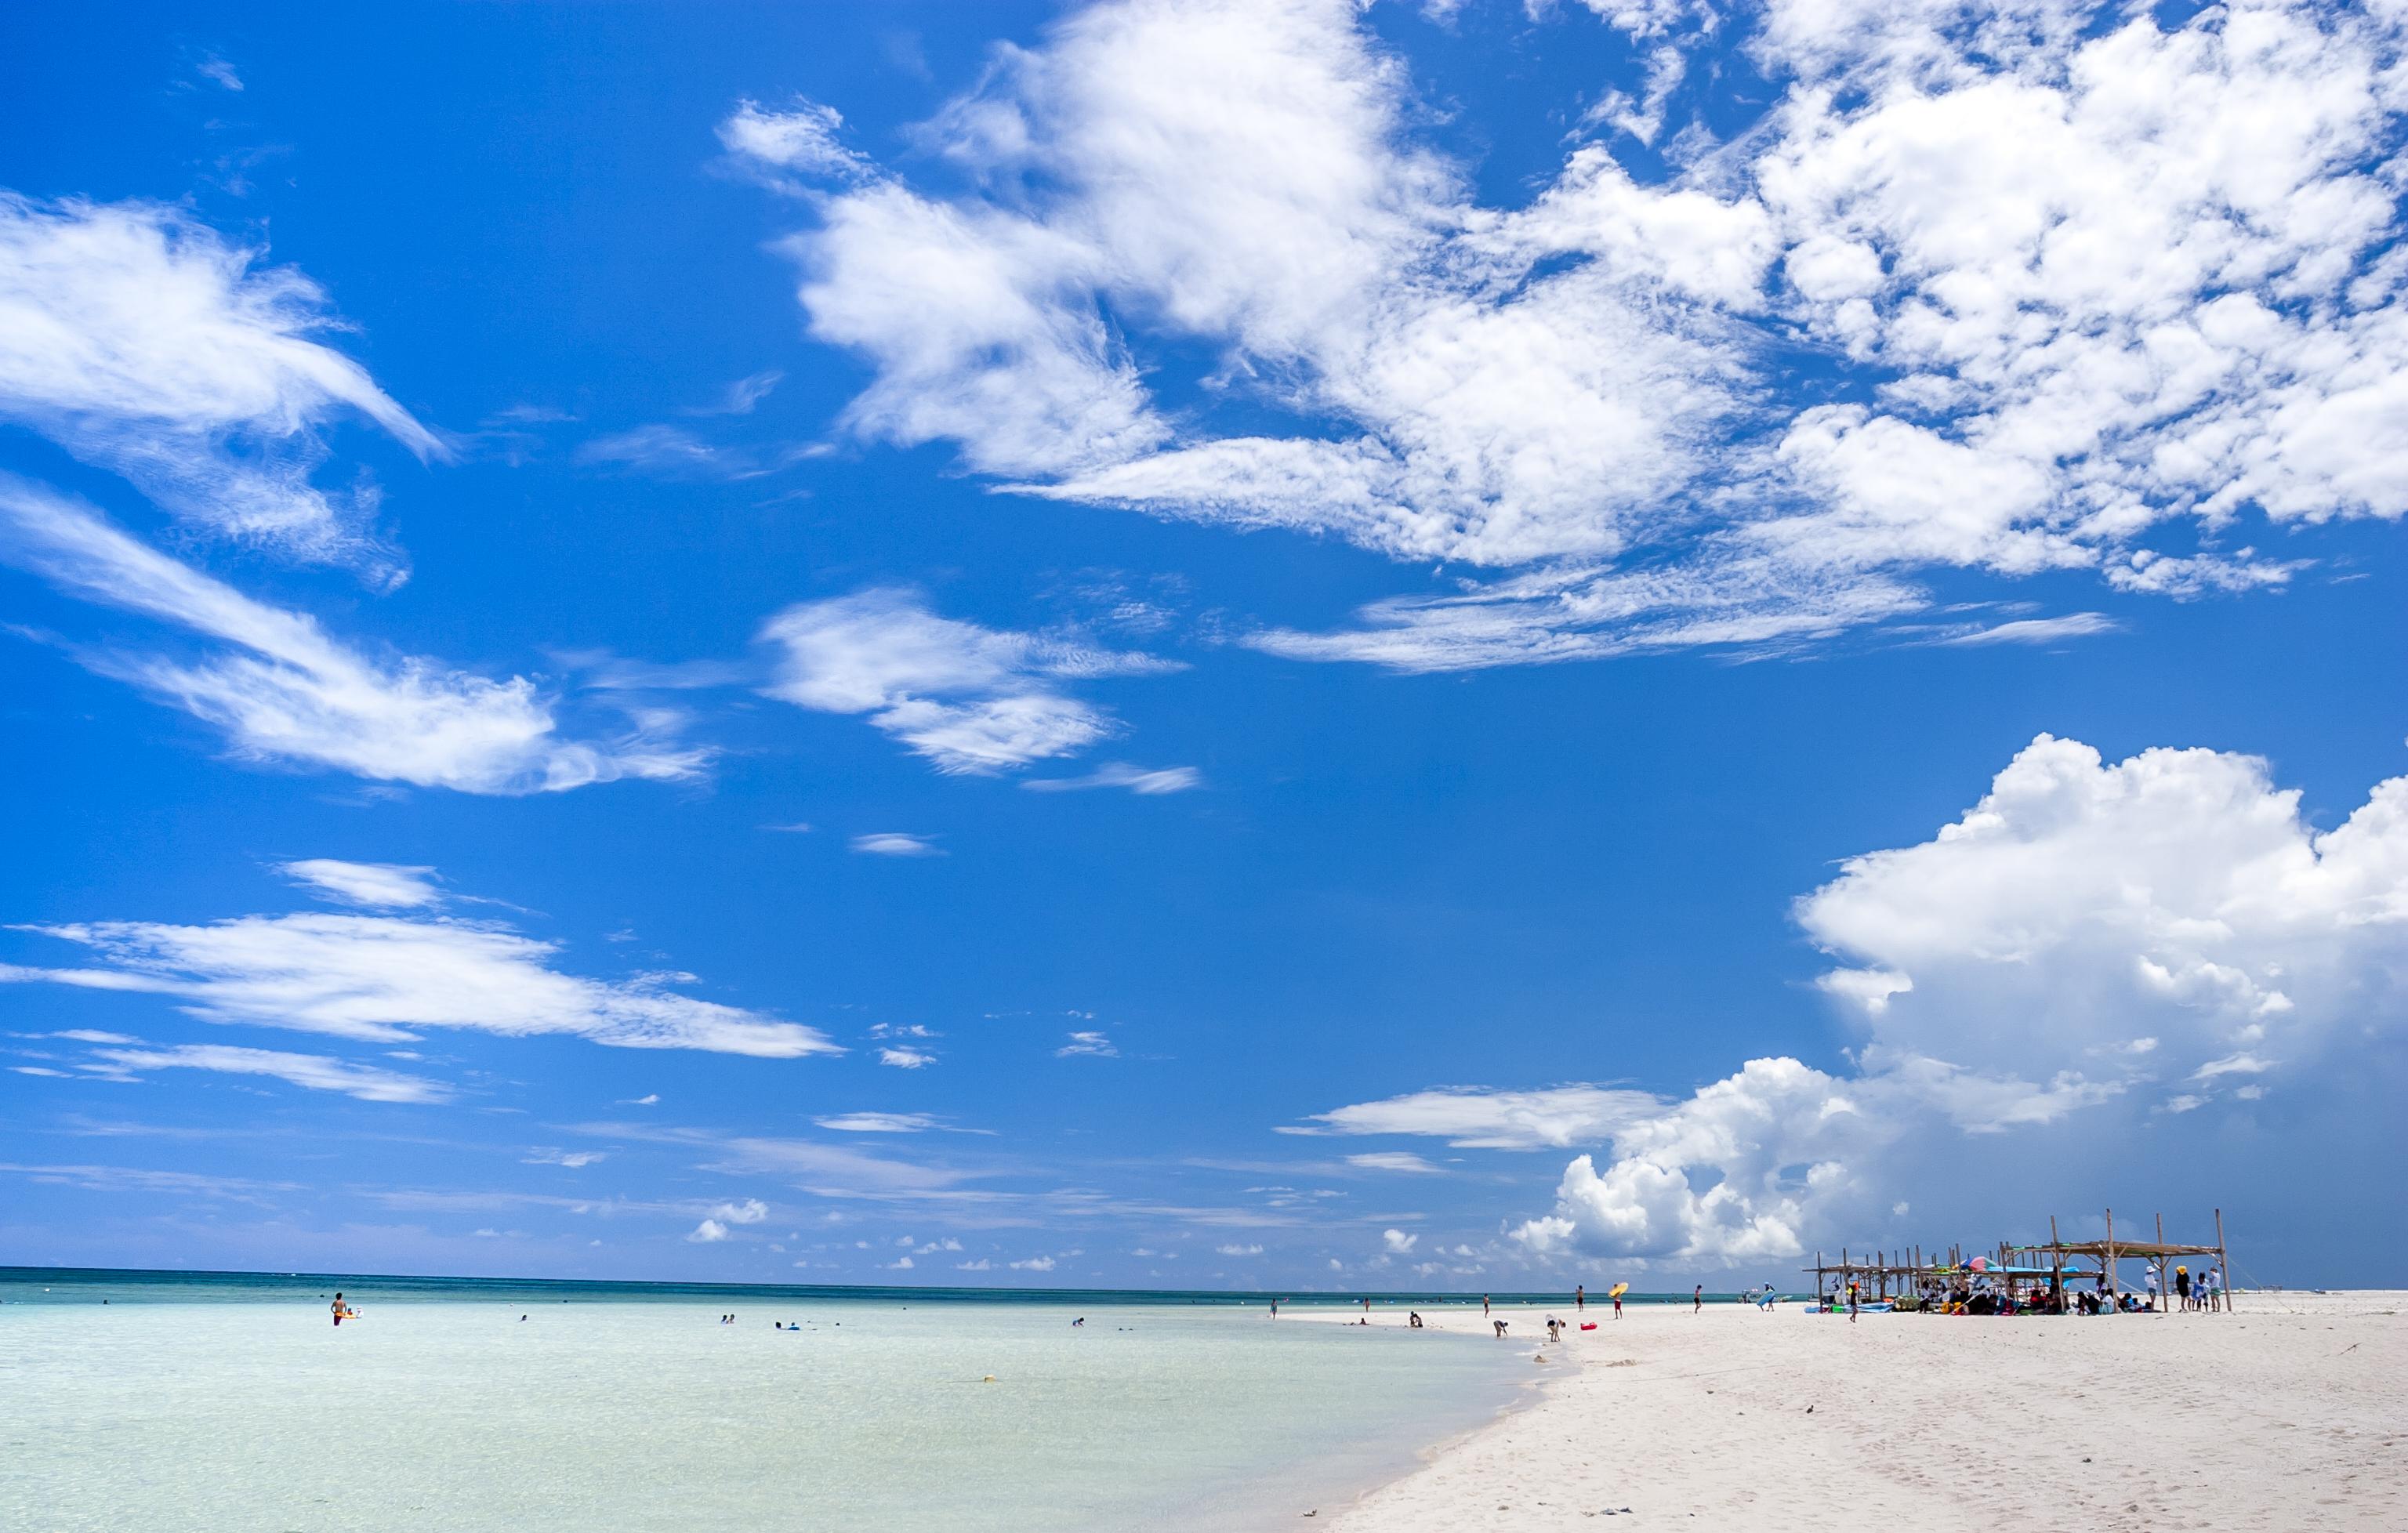 沖縄県リゾートバイト情報-ホテル、民宿等の住み込みのリゾバ求人